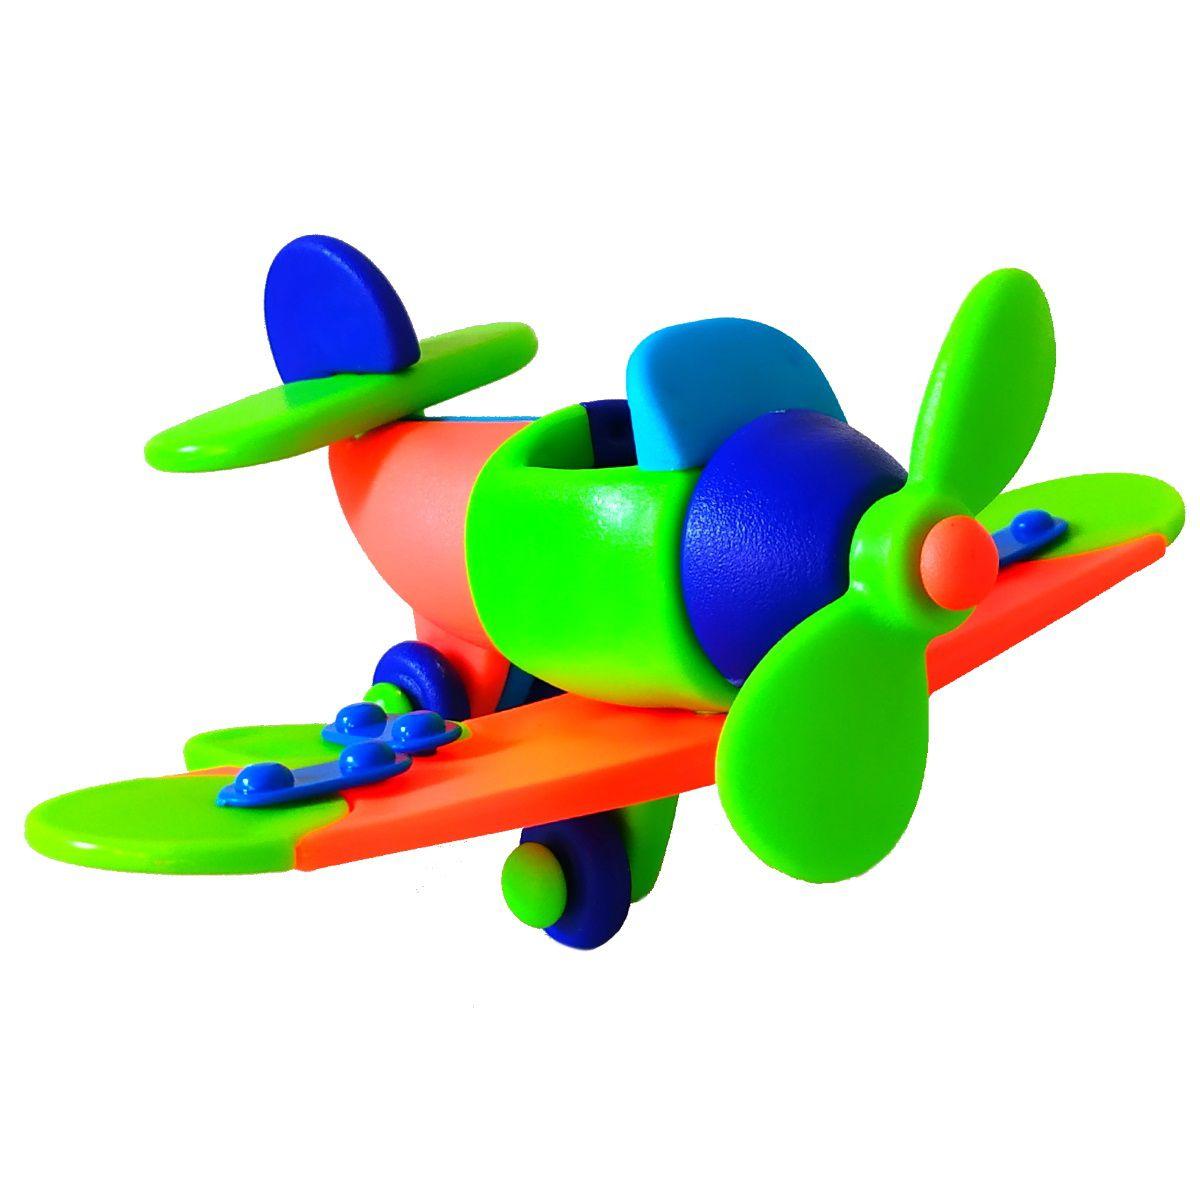 Brinquedo Educativo de Montar Kit com Caminhão Avião e Dinossauro